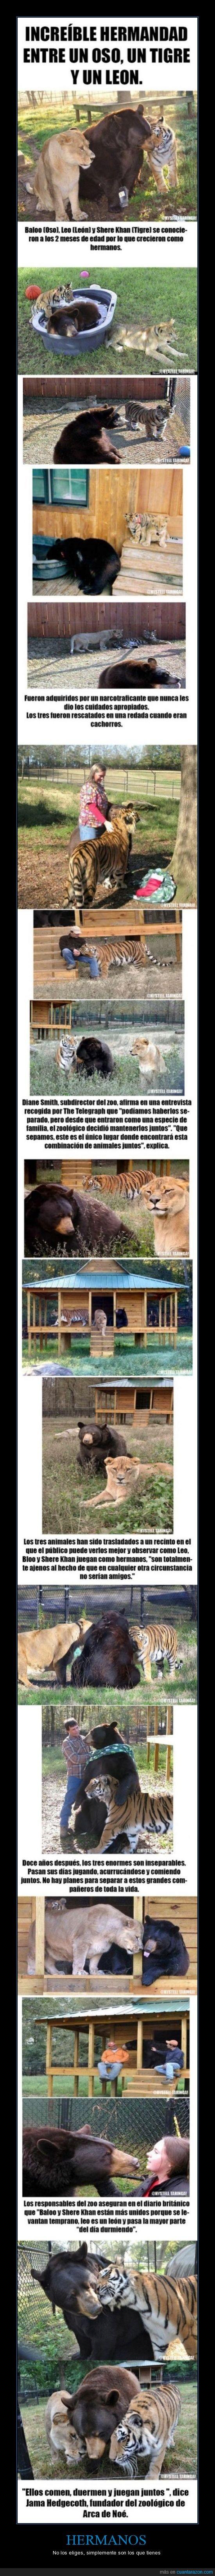 Amigos.,Hermano,Juntos,Leon,Oso,Tigre